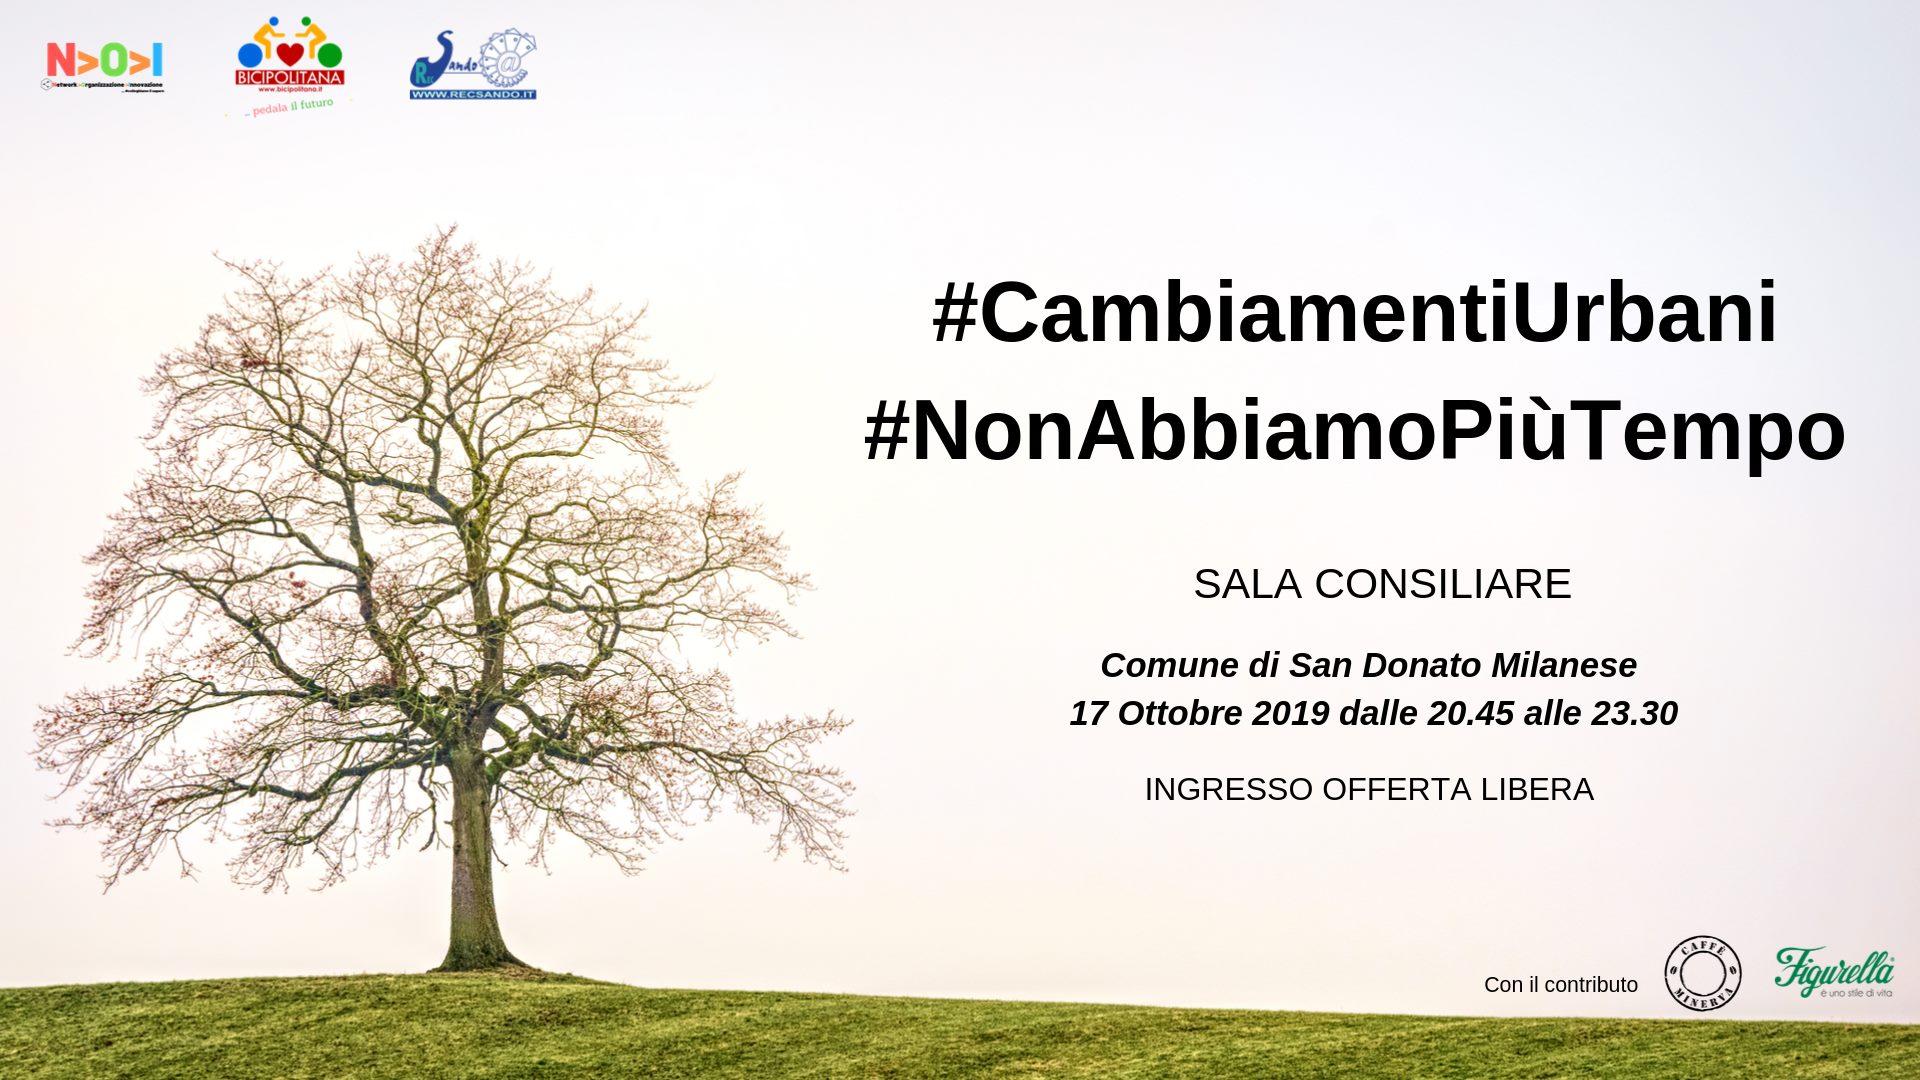 #CambiamentiUrbani - Non abbiamo più tempo - Ti aspettiamo il 17 ottobre 2019 in Sala Consiliare a San Donato Milanese